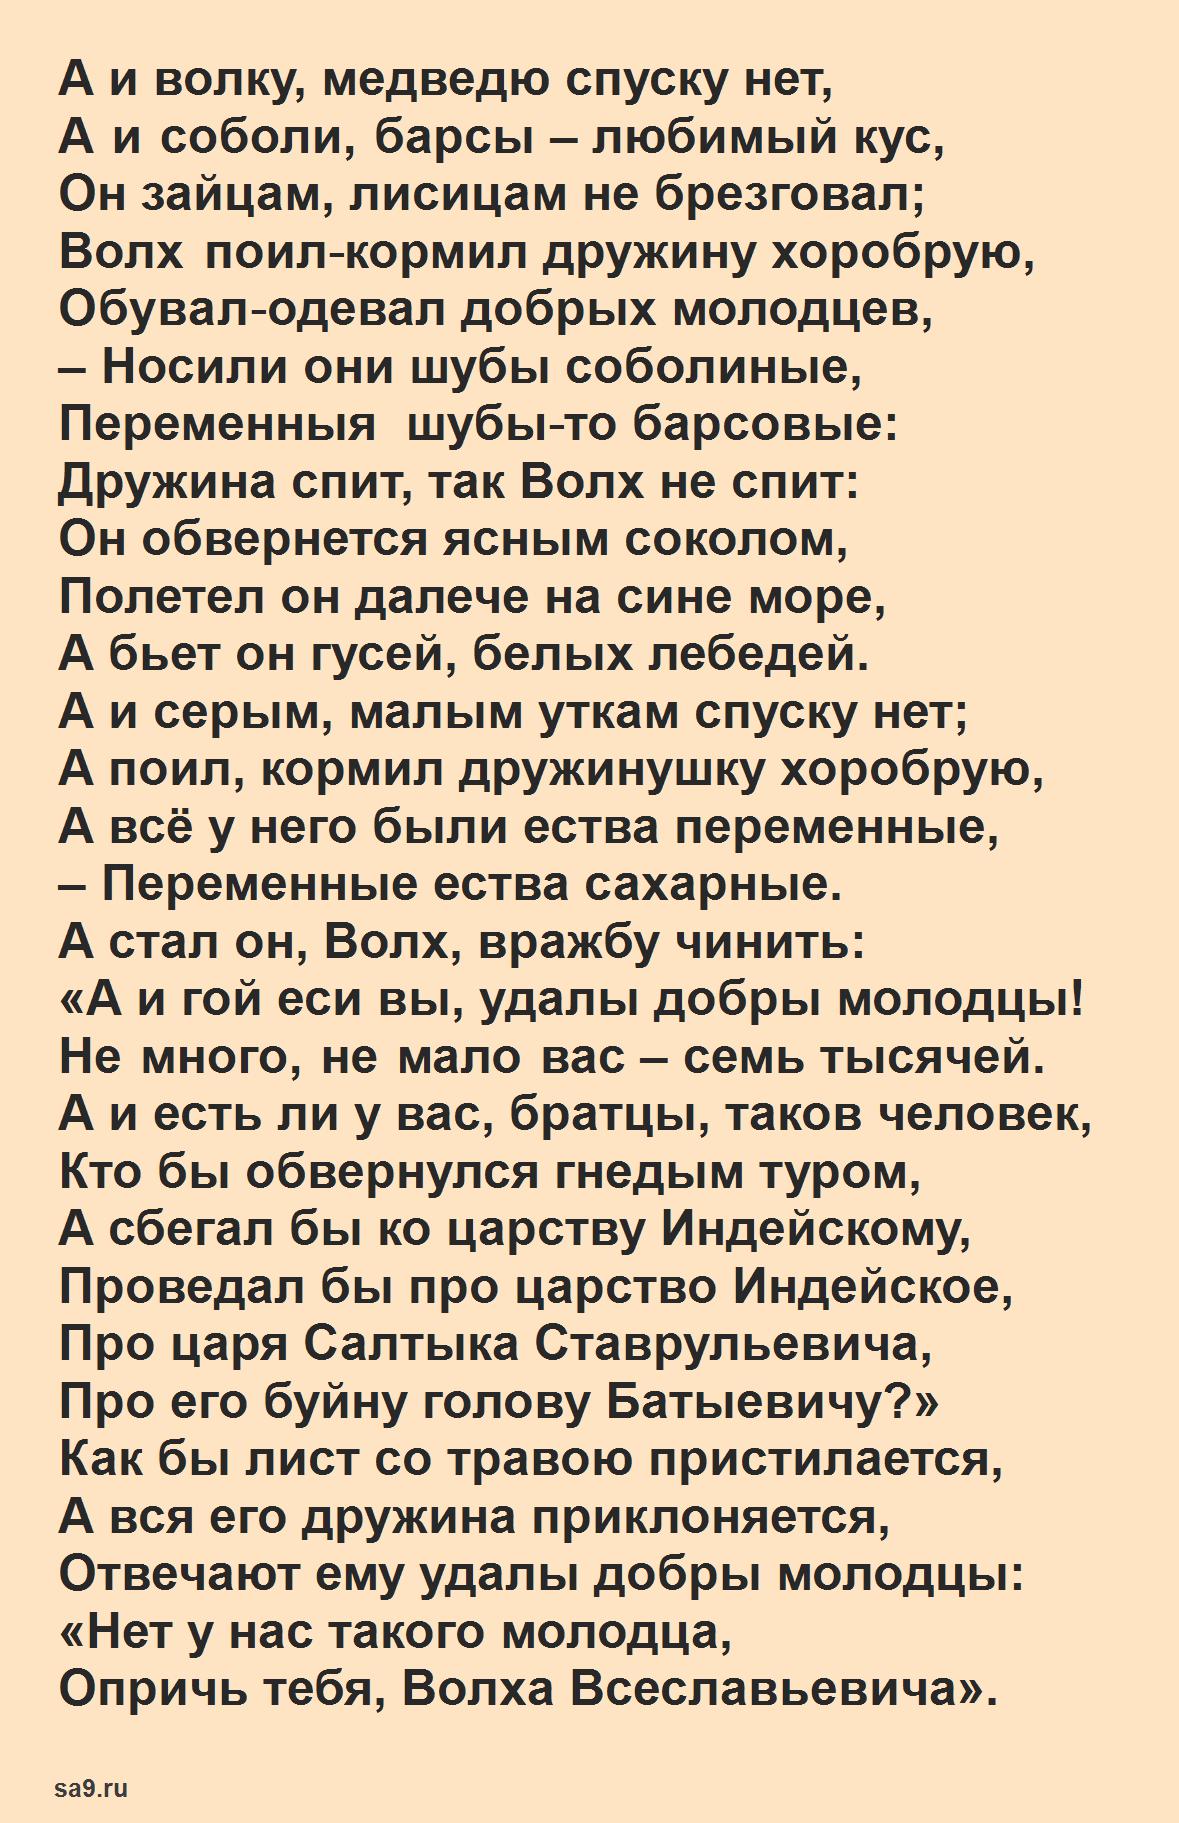 Читать былину - Волх Всеславьевич, бесплатно